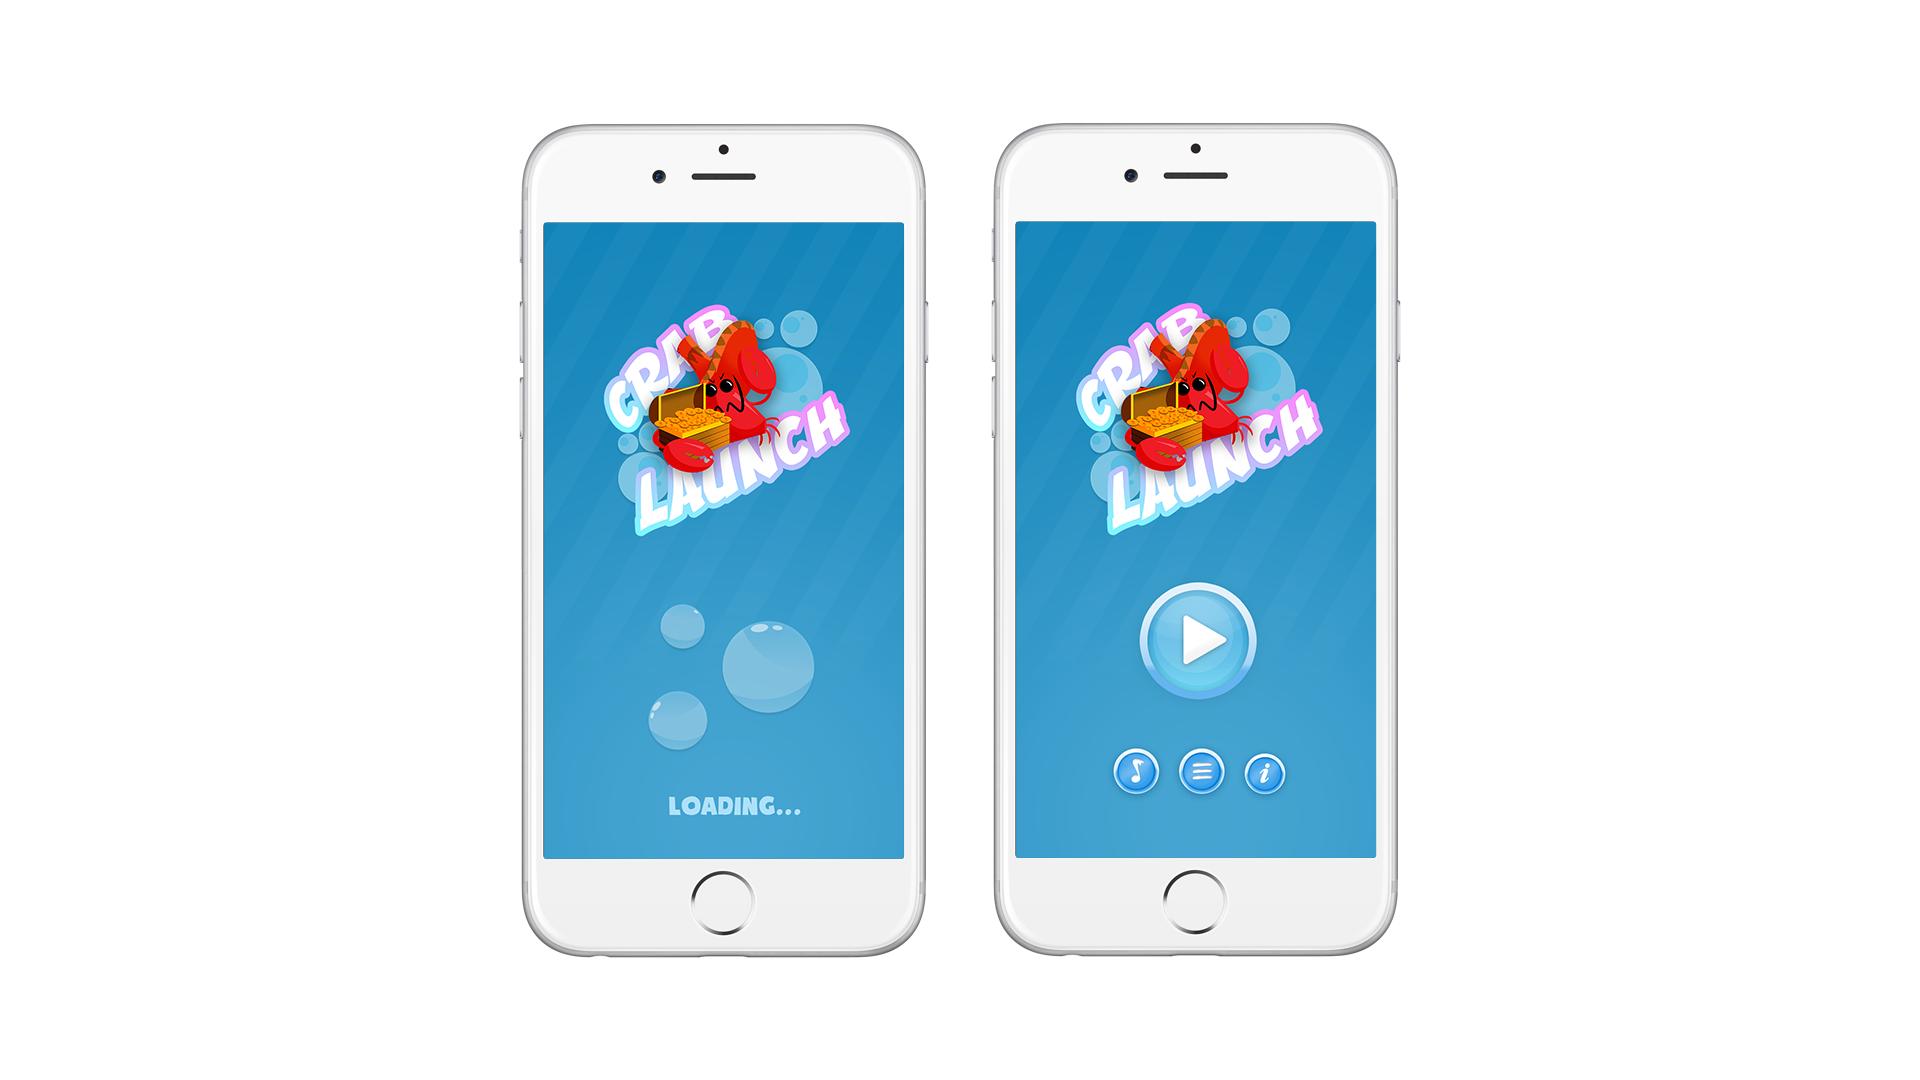 iphonebackwith2